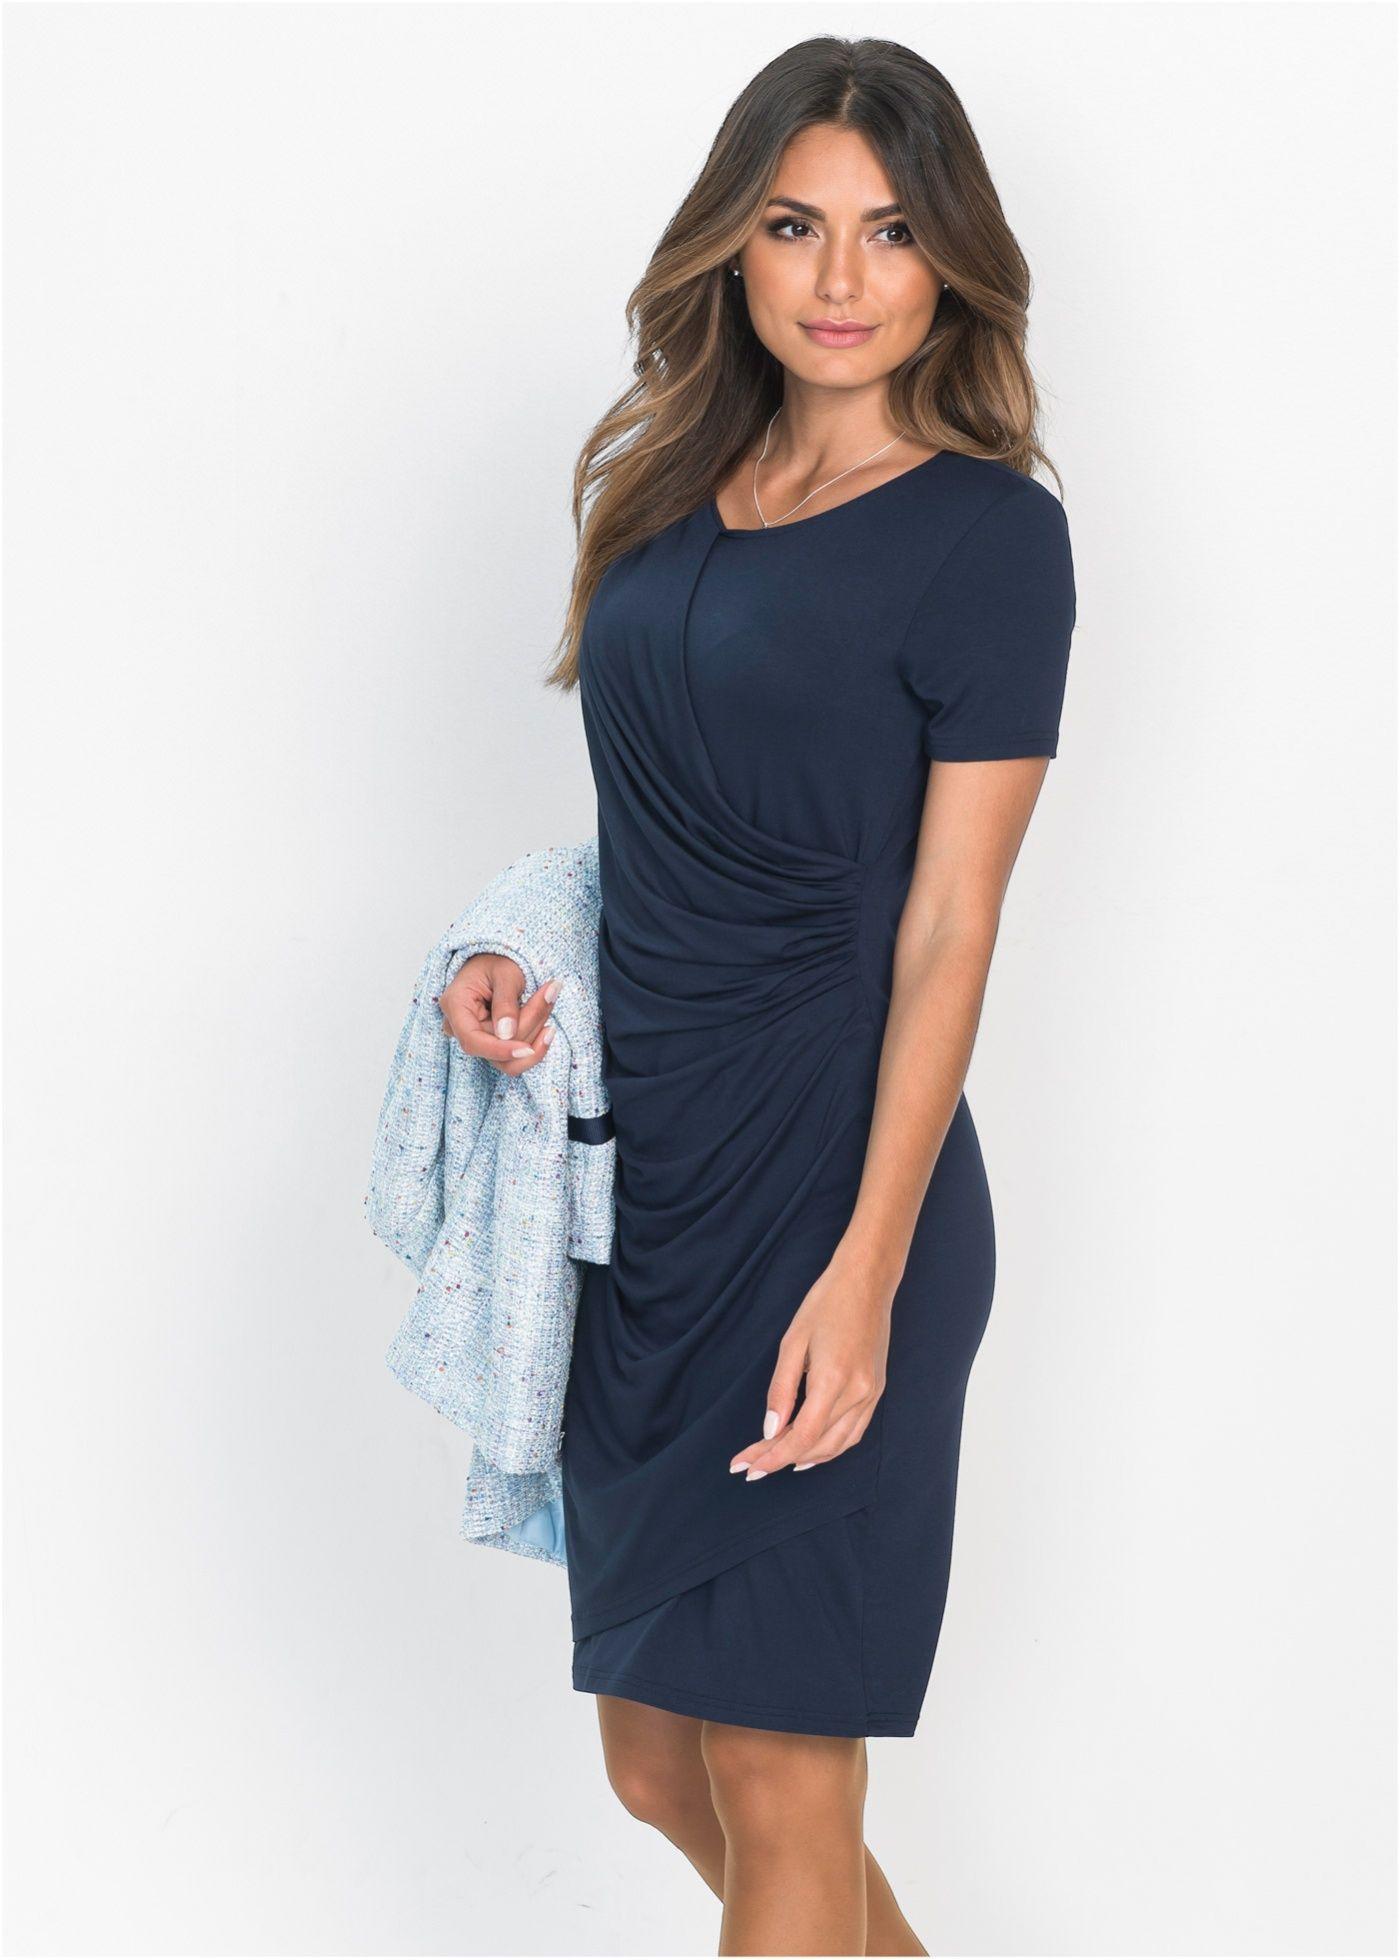 Šaty tmavě modrá - Žena - bonprix.cz f21d2b56e44